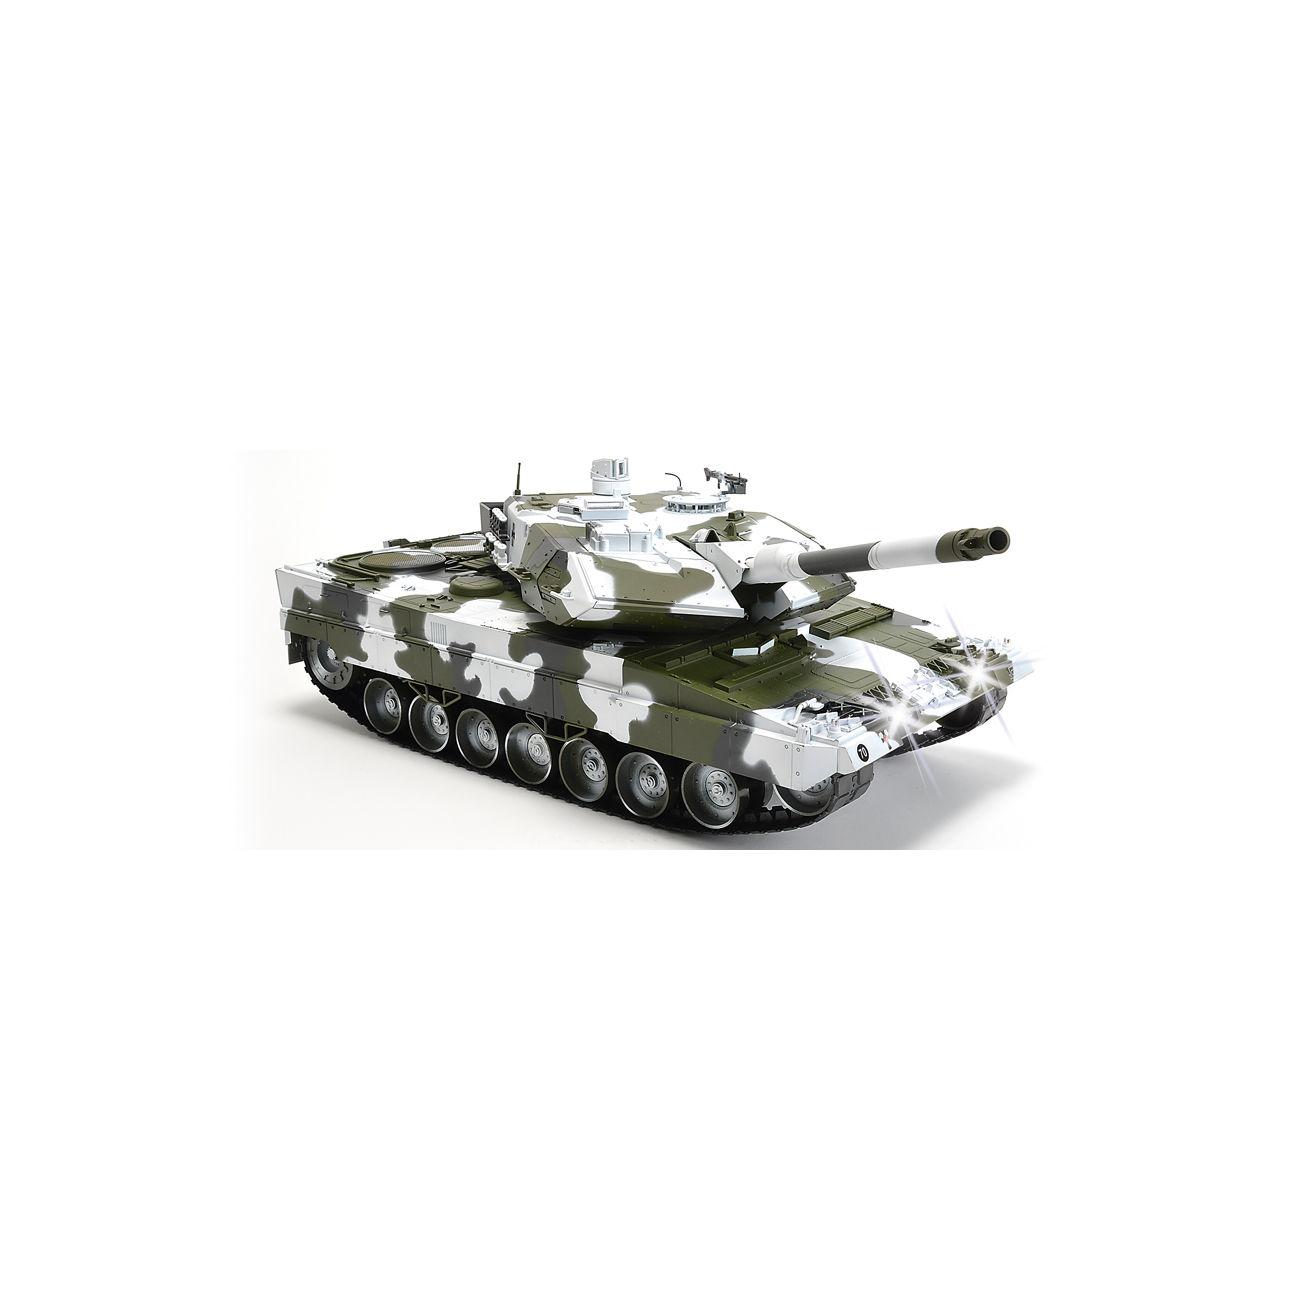 carson rc panzer leopard 2a6 mit 4 raketen schneetarn 1 16 schussf hig 100 rtr g nstig kaufen. Black Bedroom Furniture Sets. Home Design Ideas